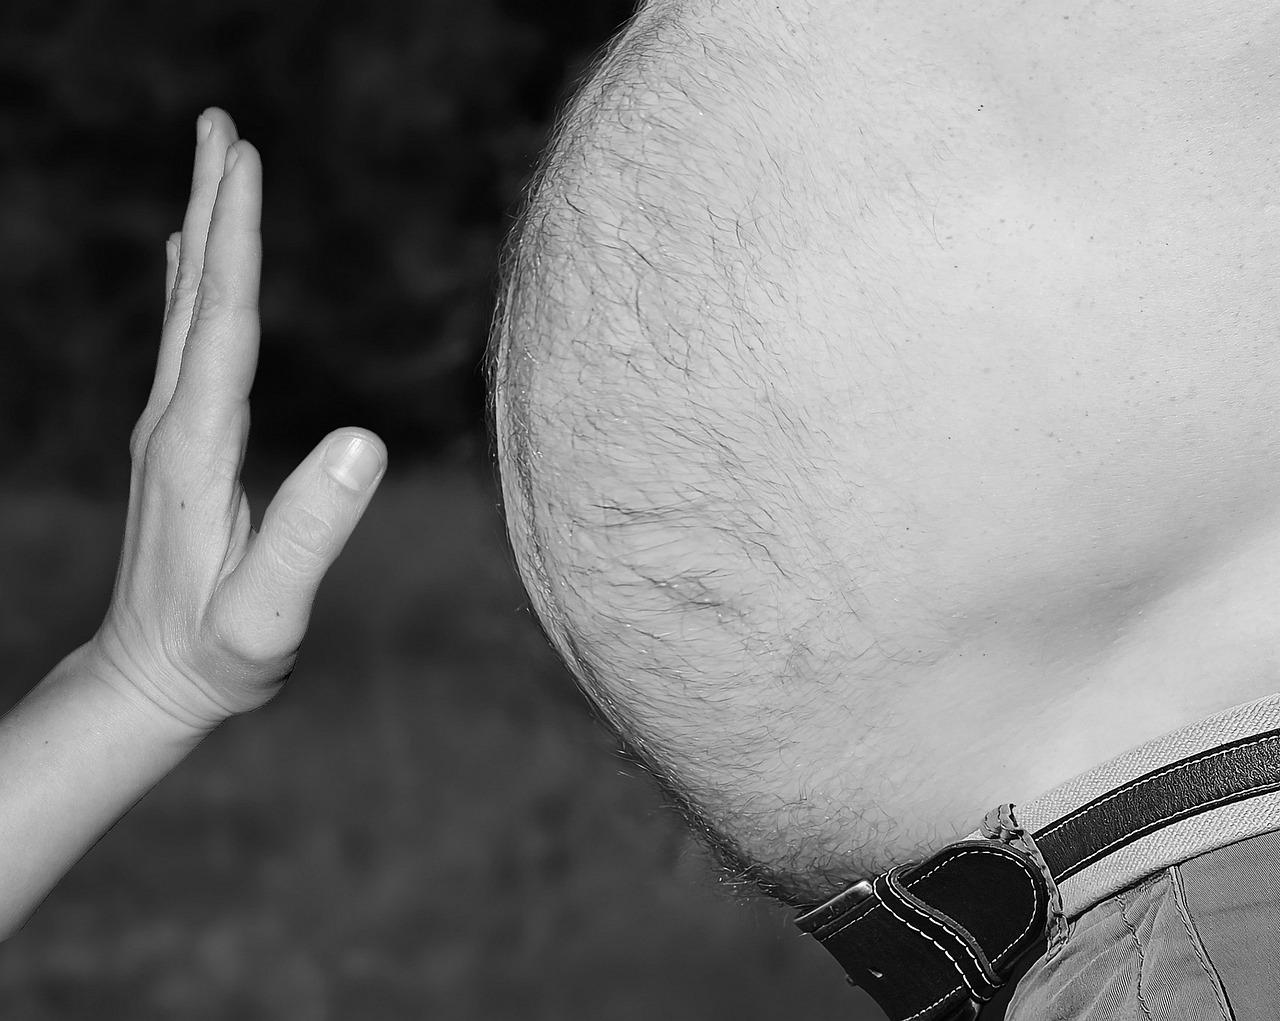 magnetyczna szczęka na odchudzanie